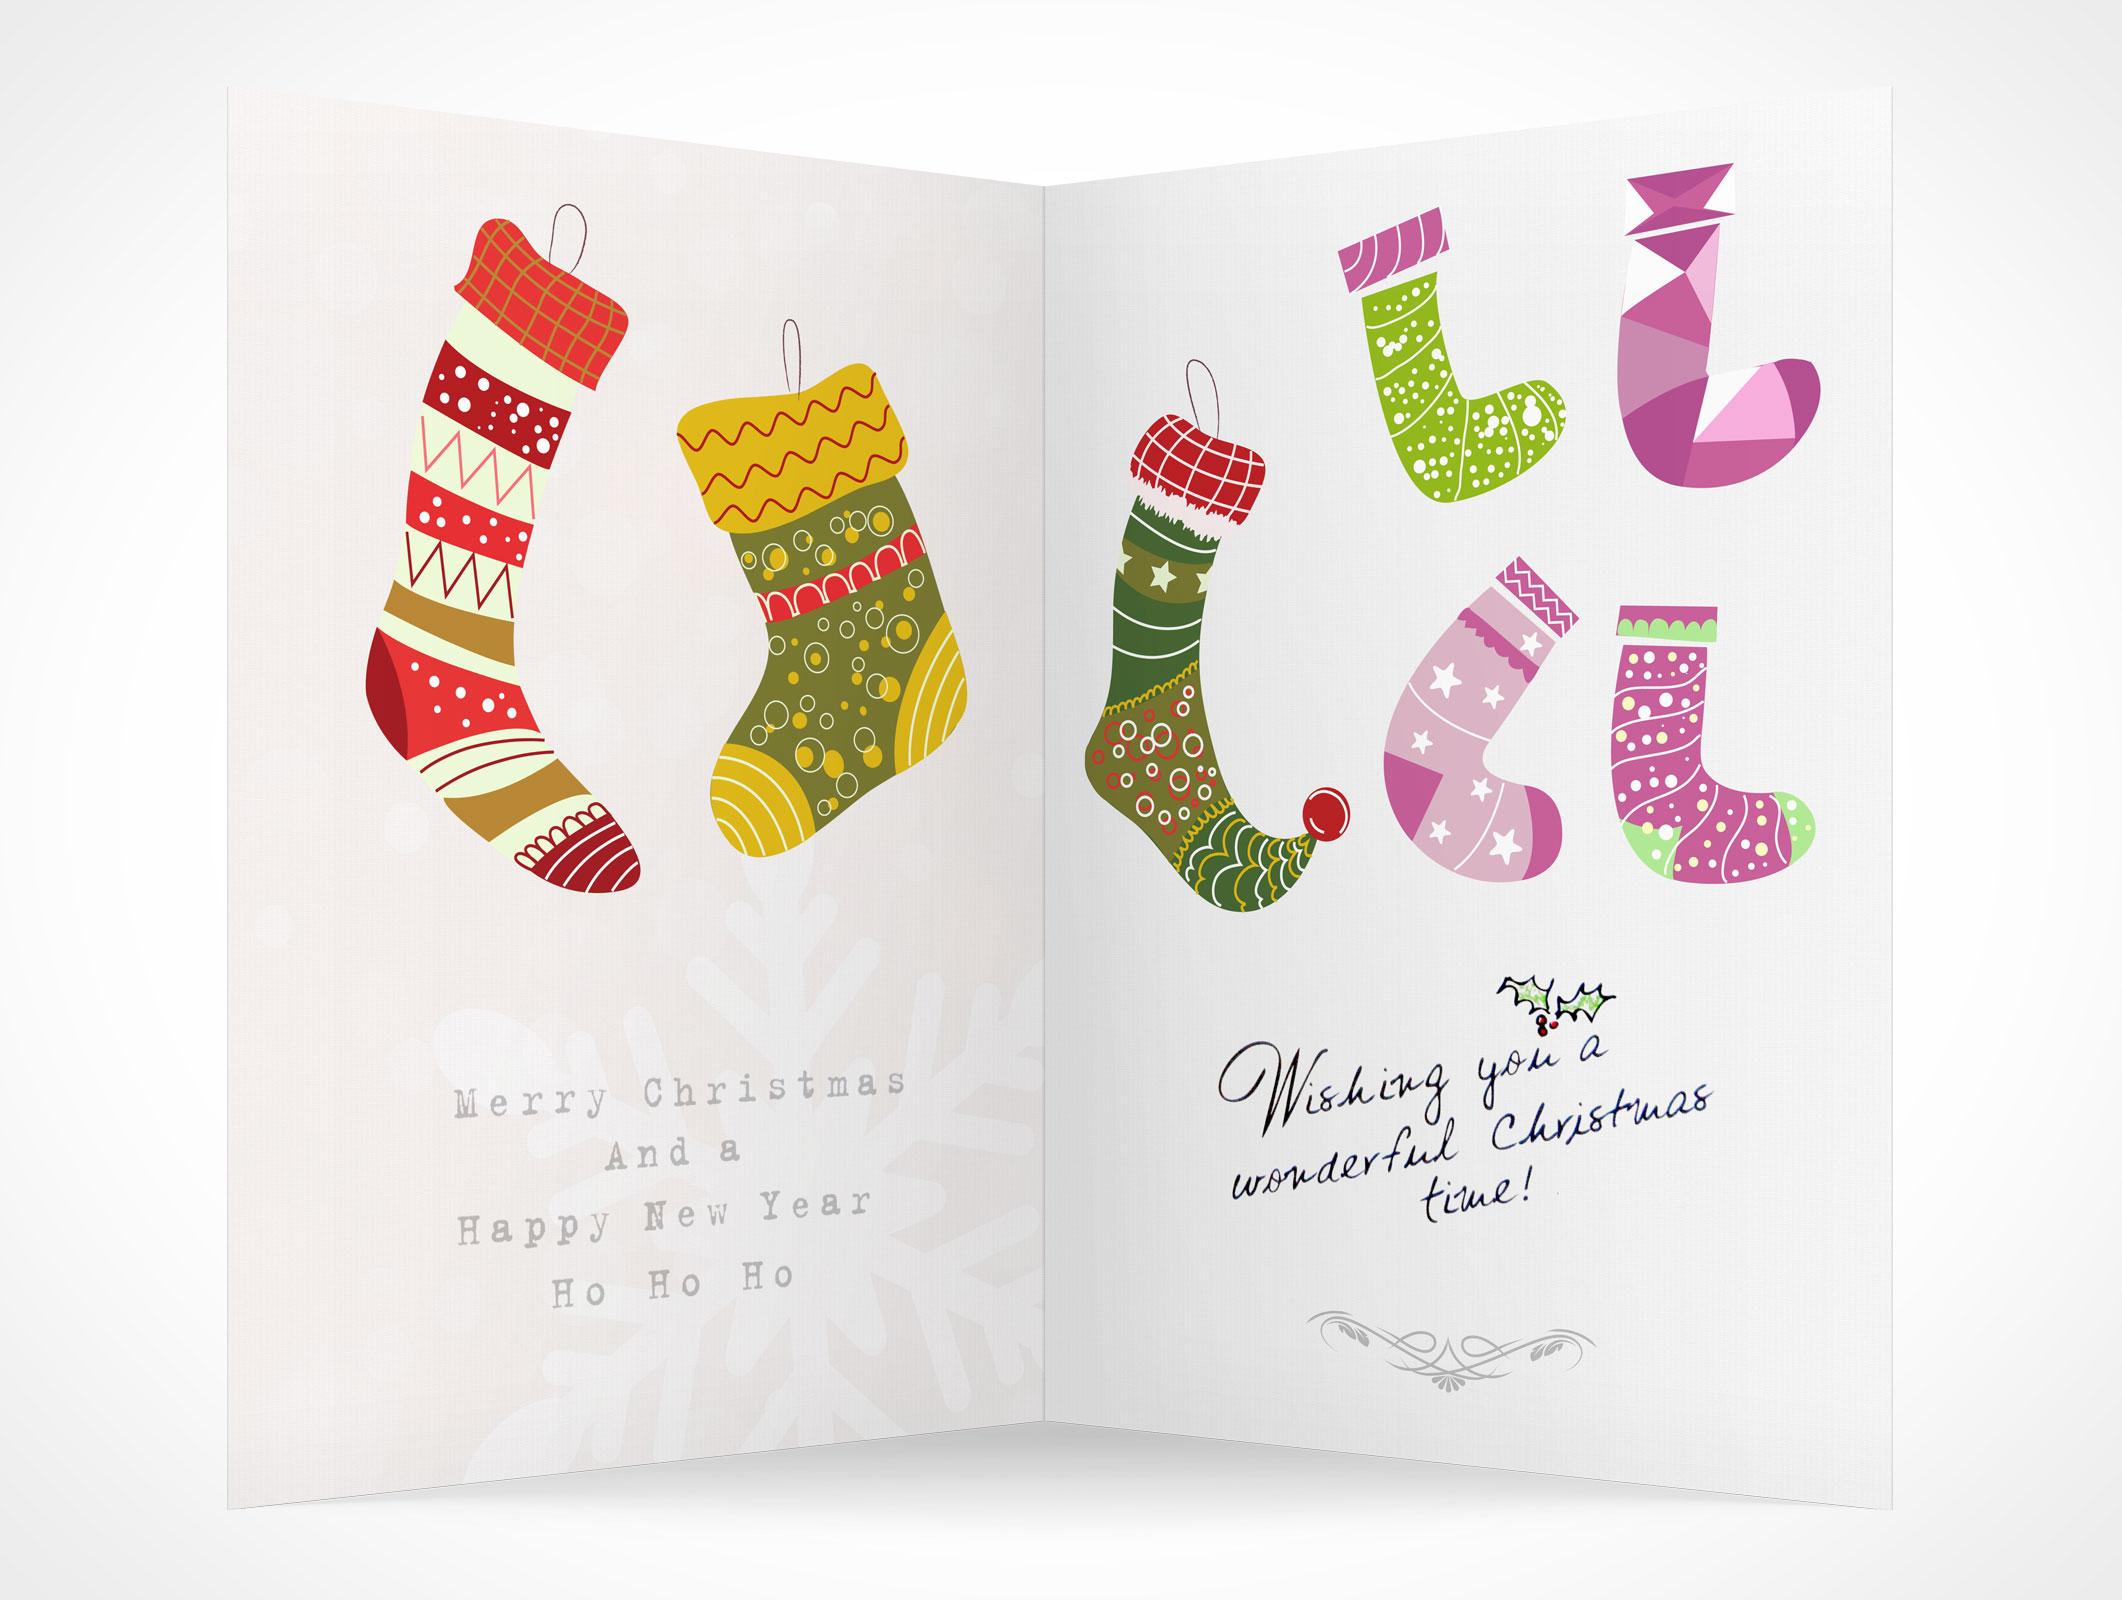 blank holiday christmas greeting card mockups